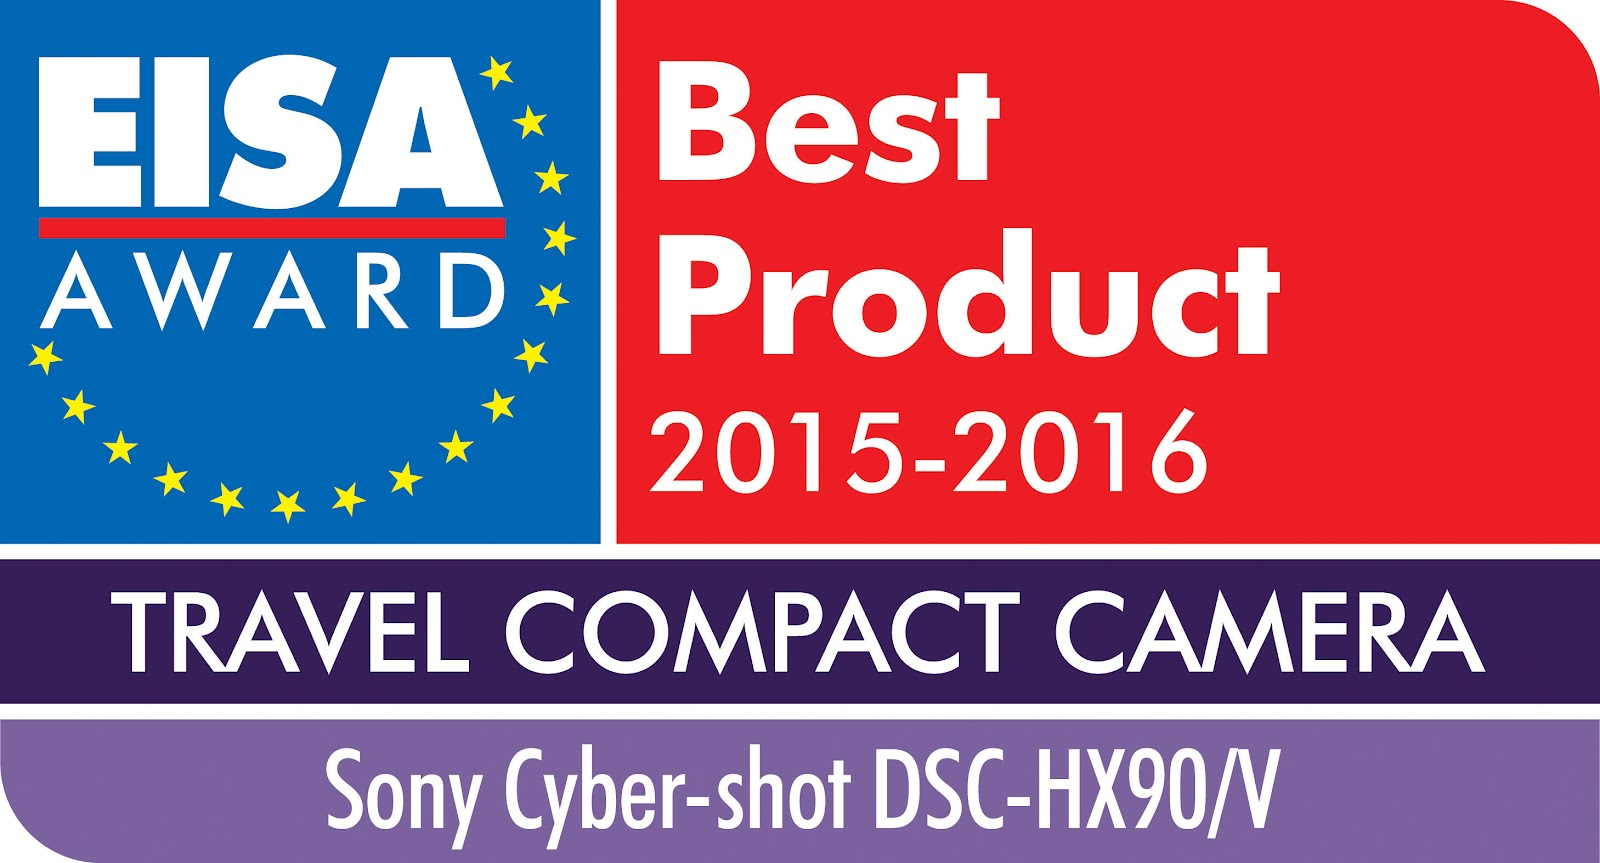 05_Sony Cyber-shot DSC-HX90V-simple-outline.jpg